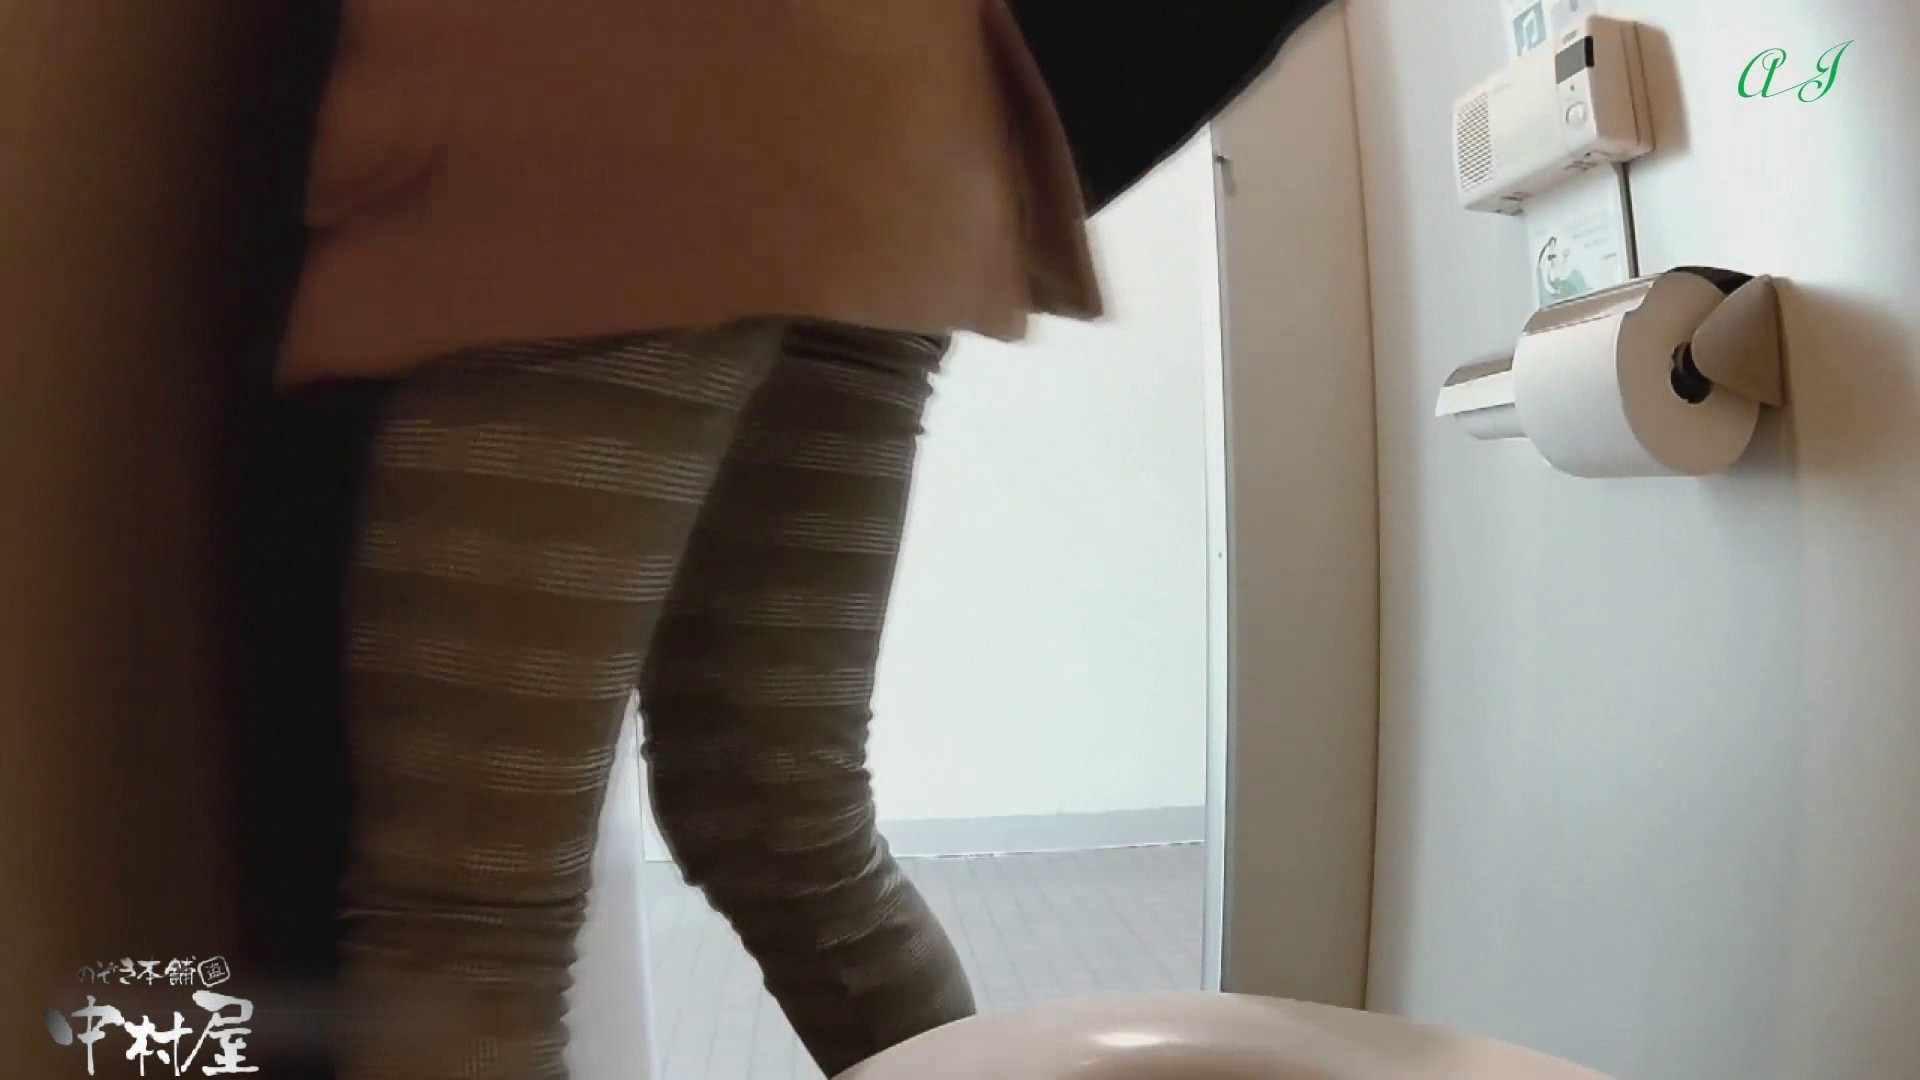 大あり美JDトイレ盗satu【有名大学女性洗面所 vol.80】 潜入シリーズ  107Pix 41